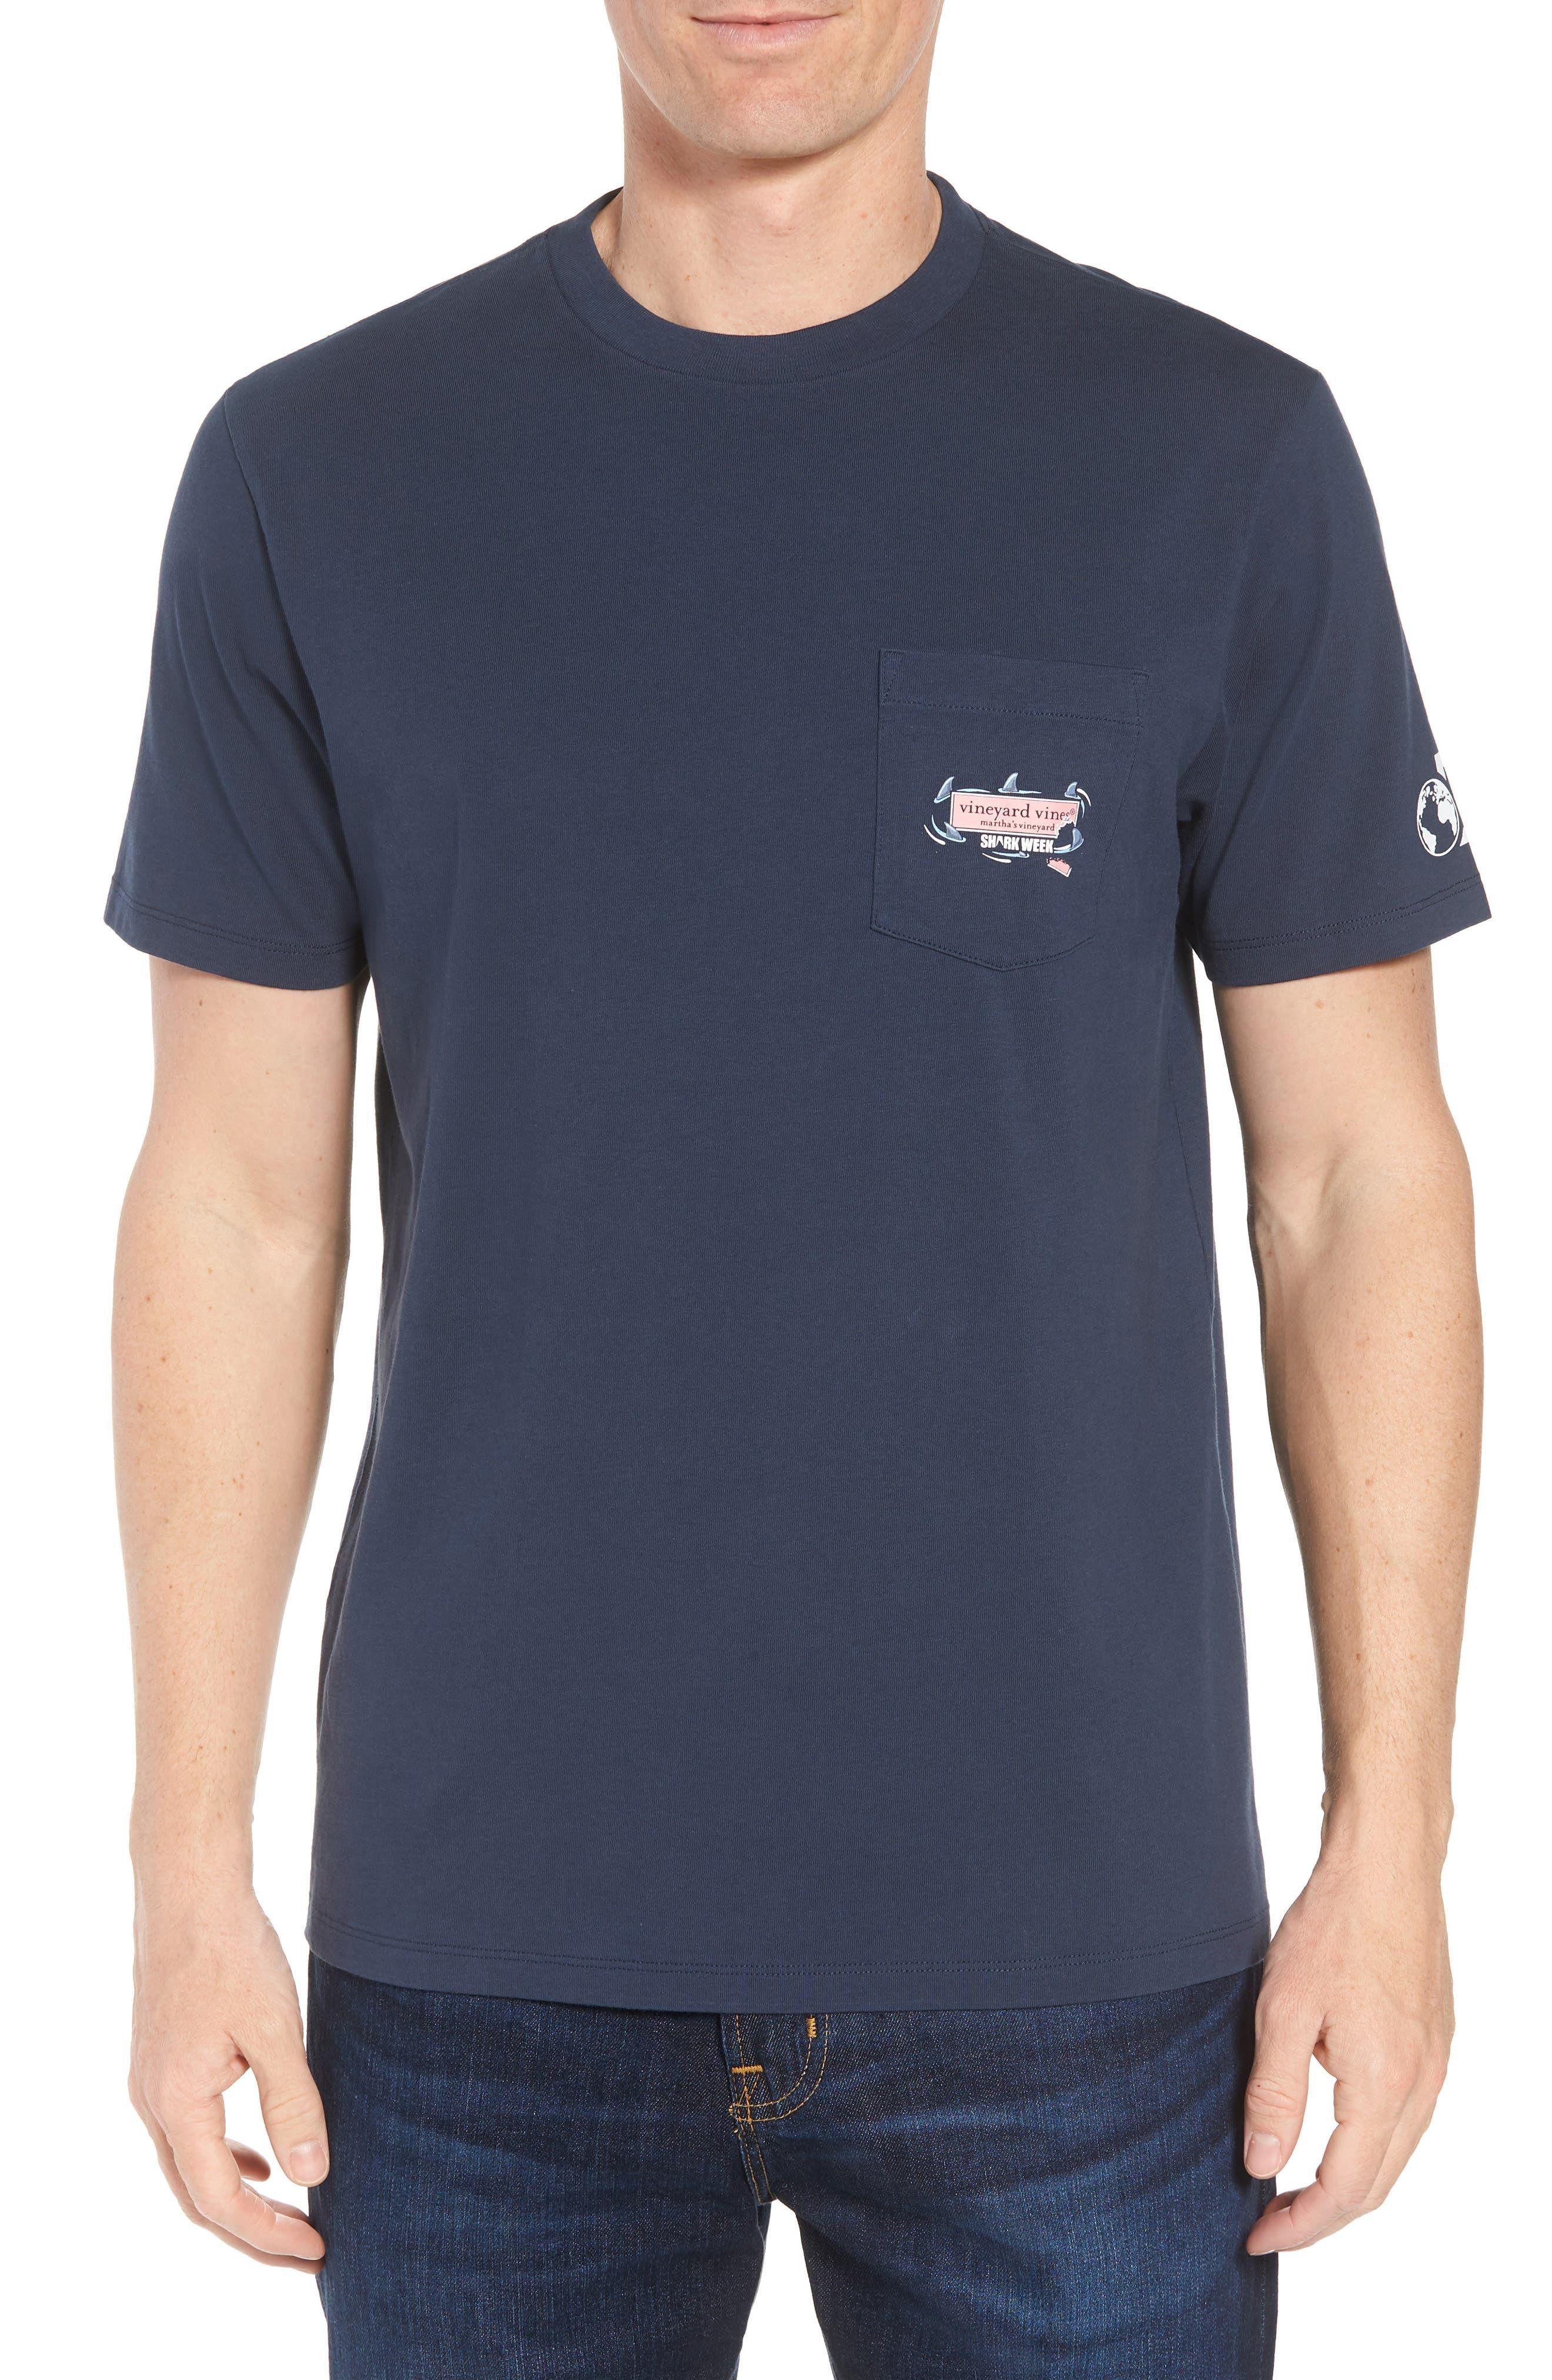 x Shark Week<sup>™</sup> Circling Sharks Pocket T-Shirt,                             Main thumbnail 1, color,                             Blue Blazer